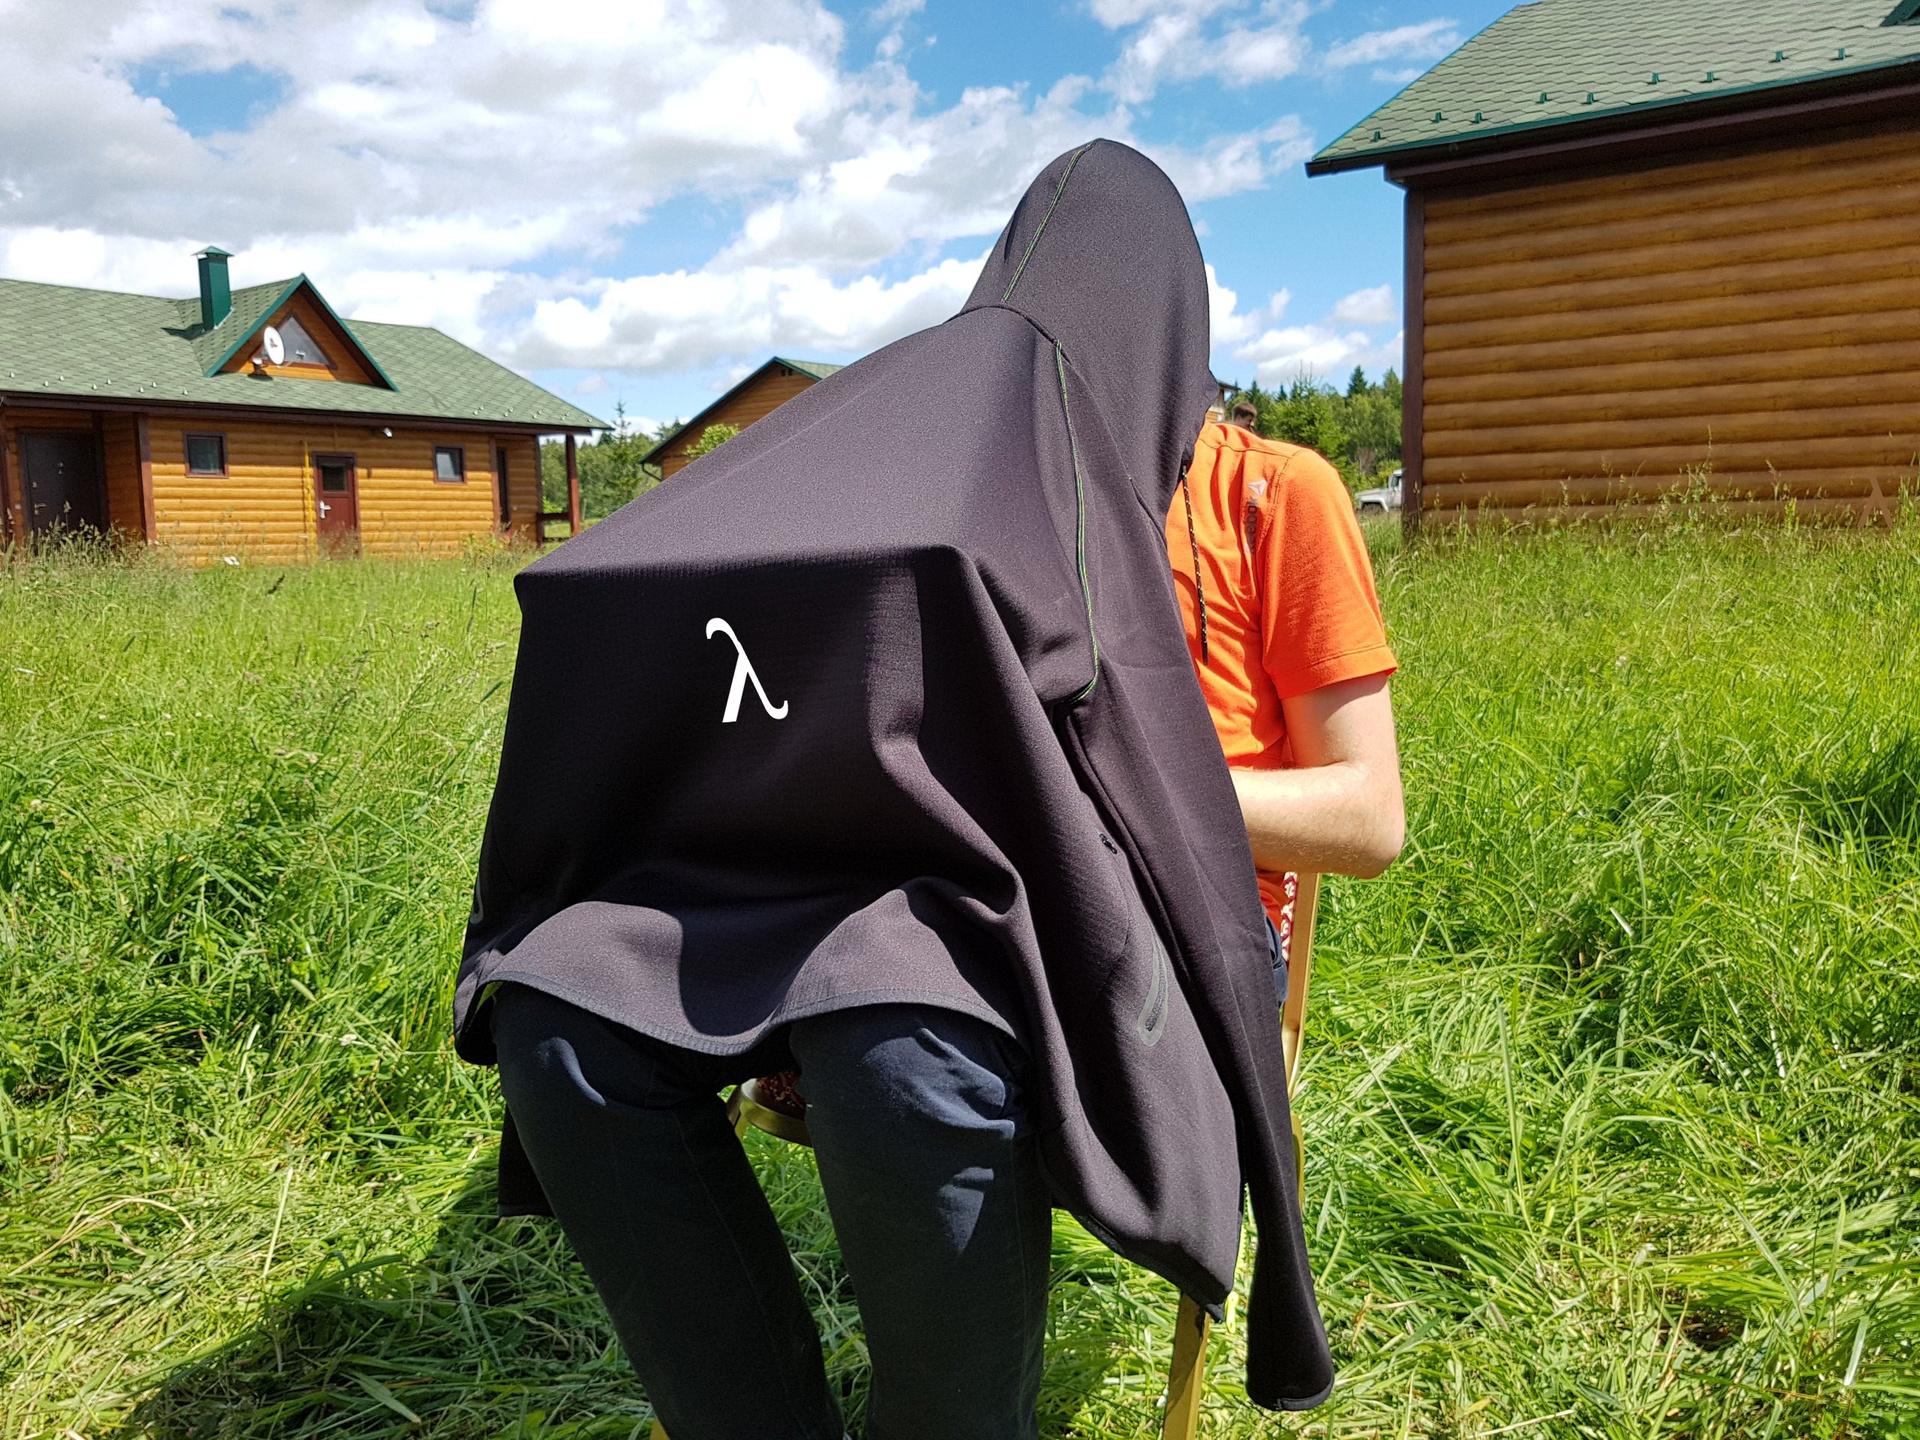 Чёрная Лямбда ефрейтора Волкова: новое направление и гранты на летнюю школу